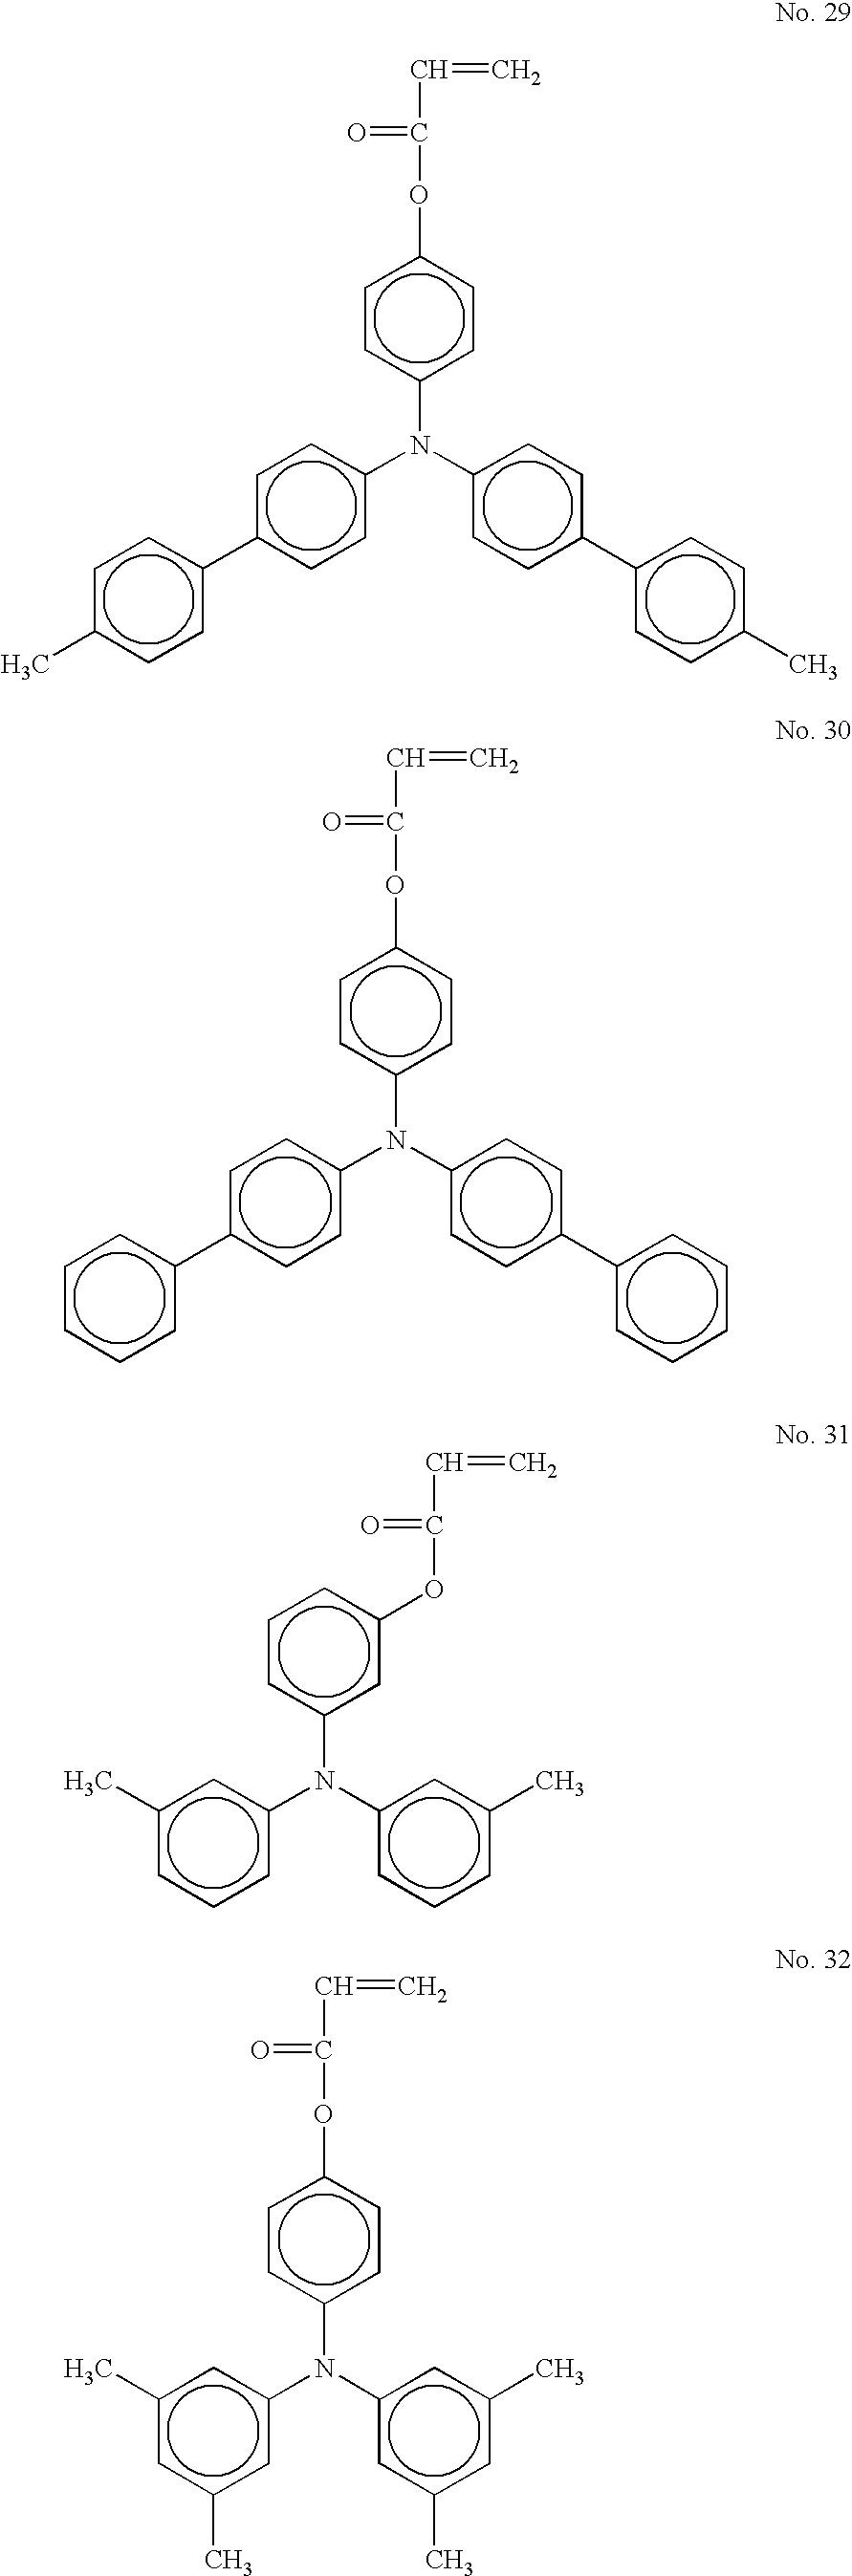 Figure US20050175911A1-20050811-C00013